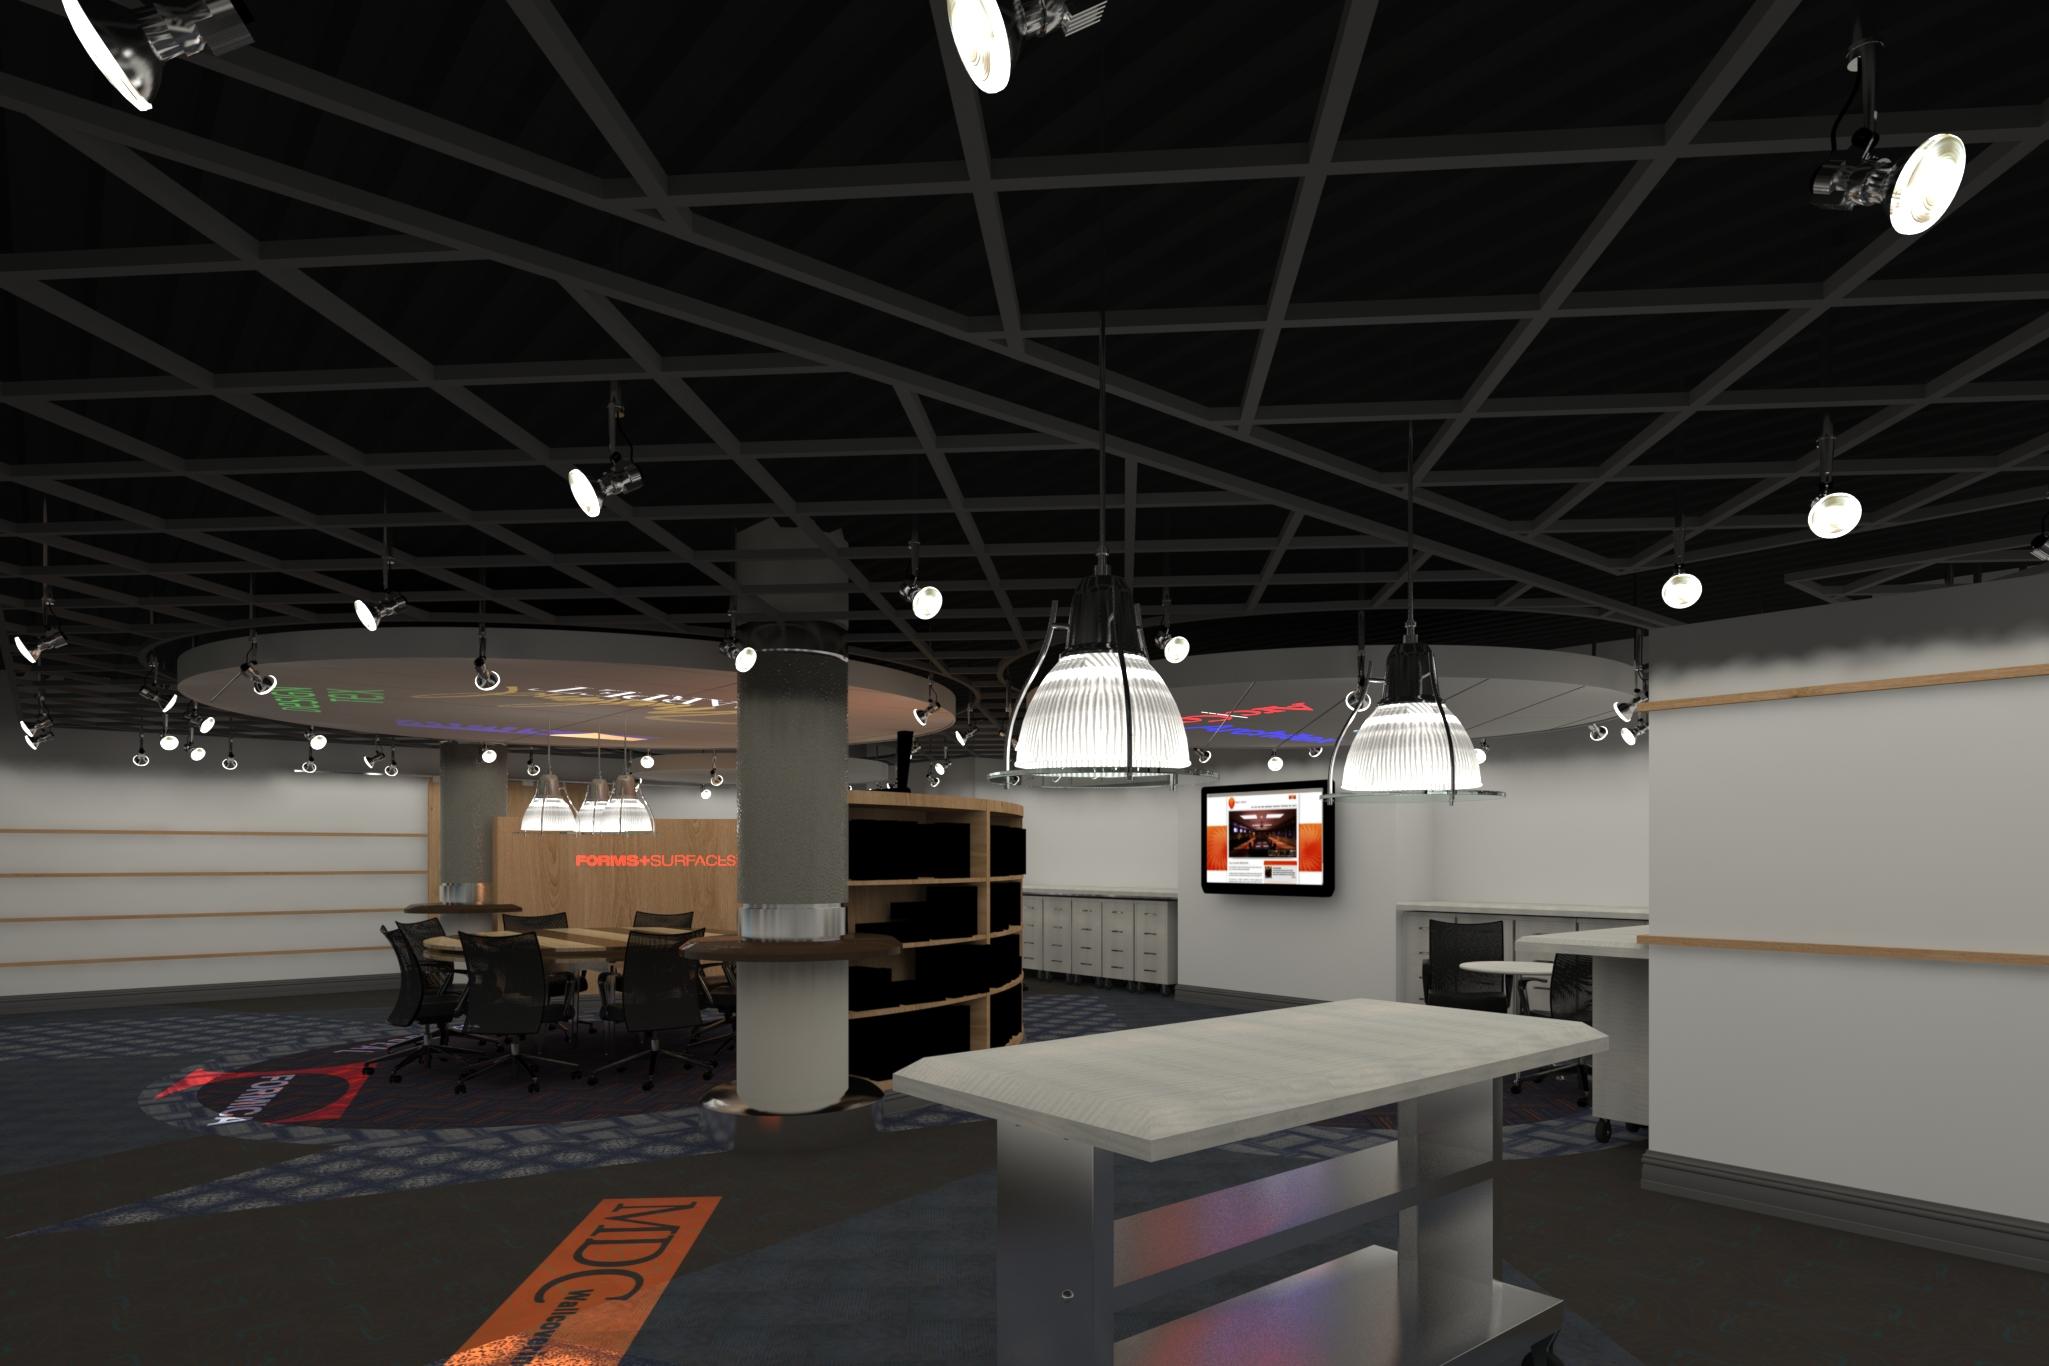 3D Rendering of The Showroom